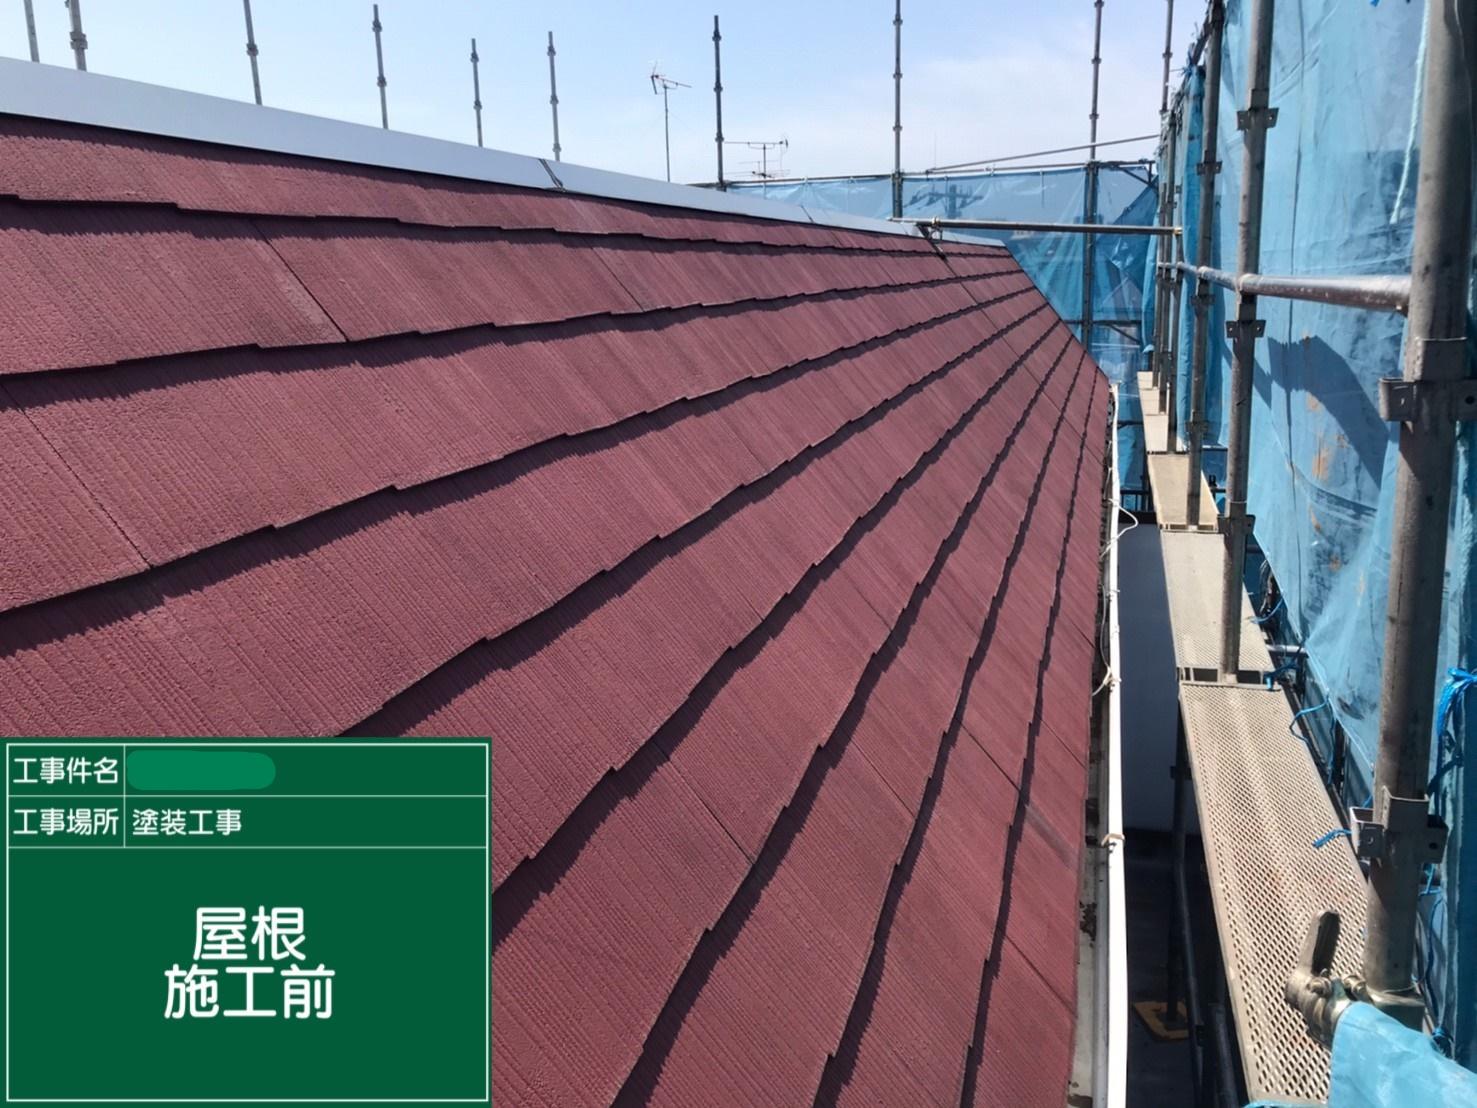 【屋根】①施工前